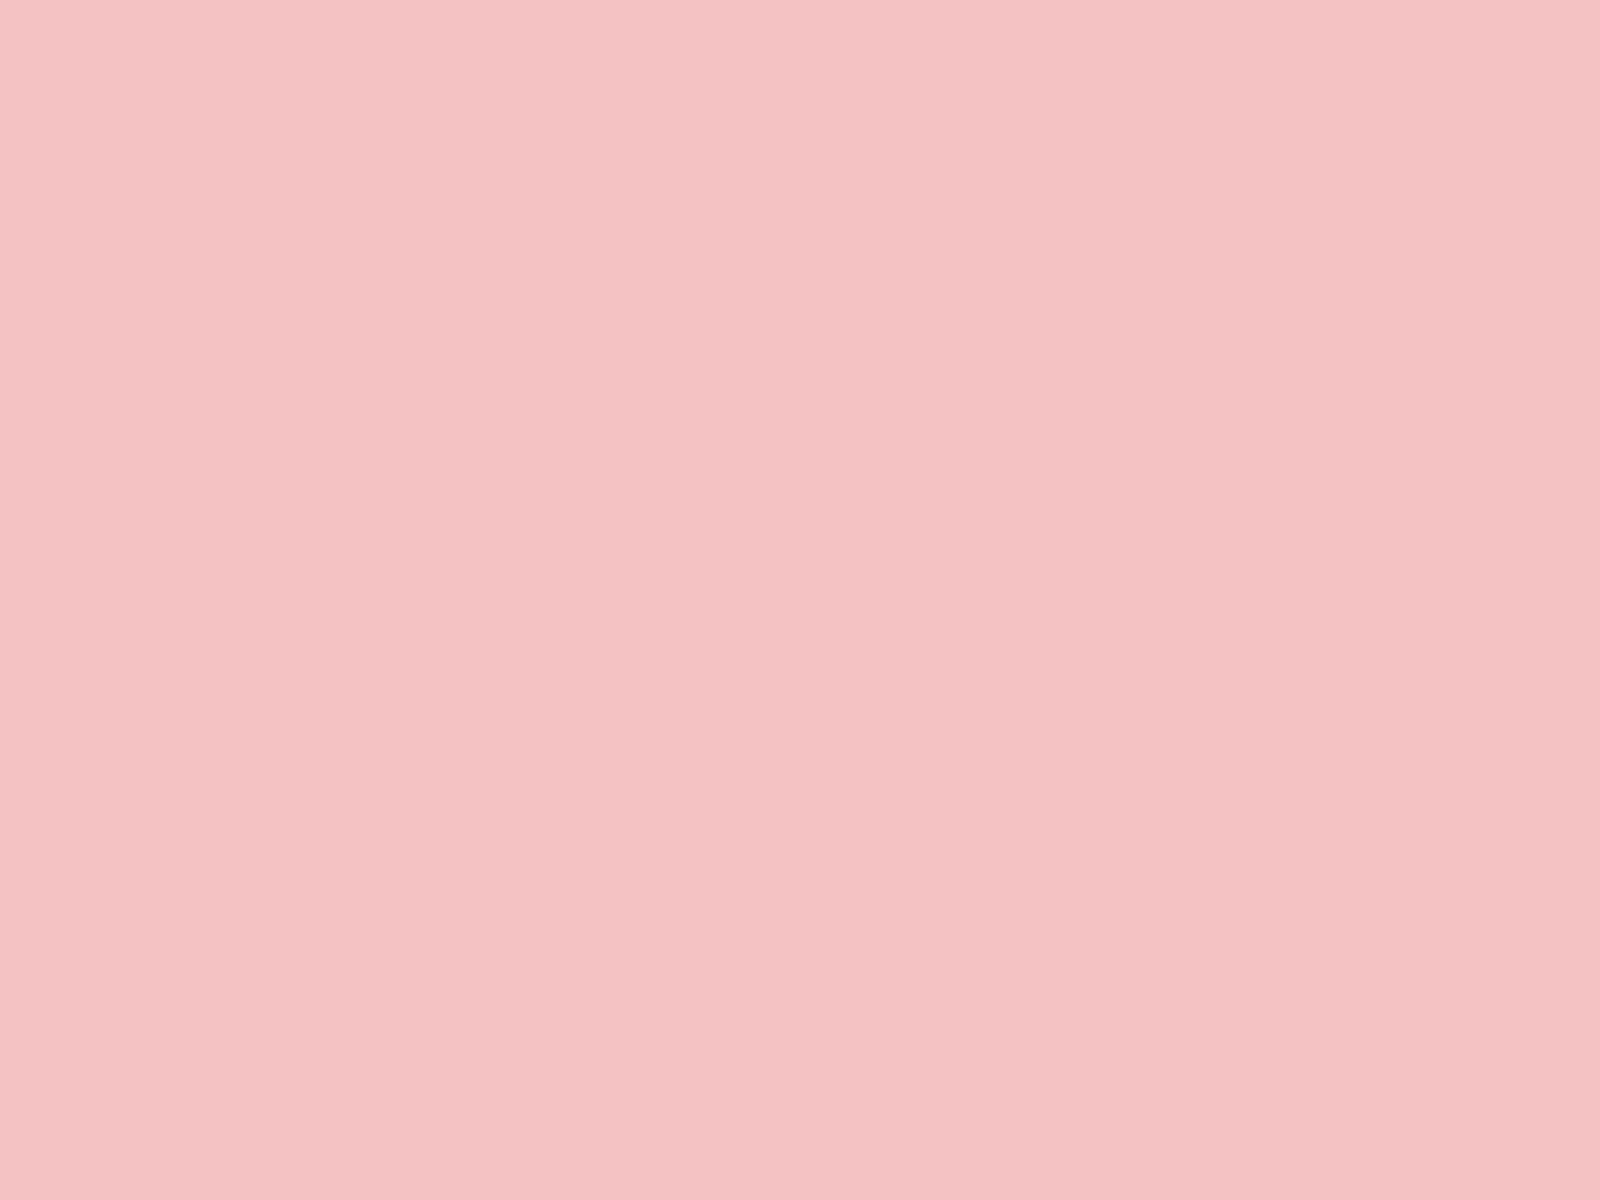 1600x1200 Tea Rose Rose Solid Color Background